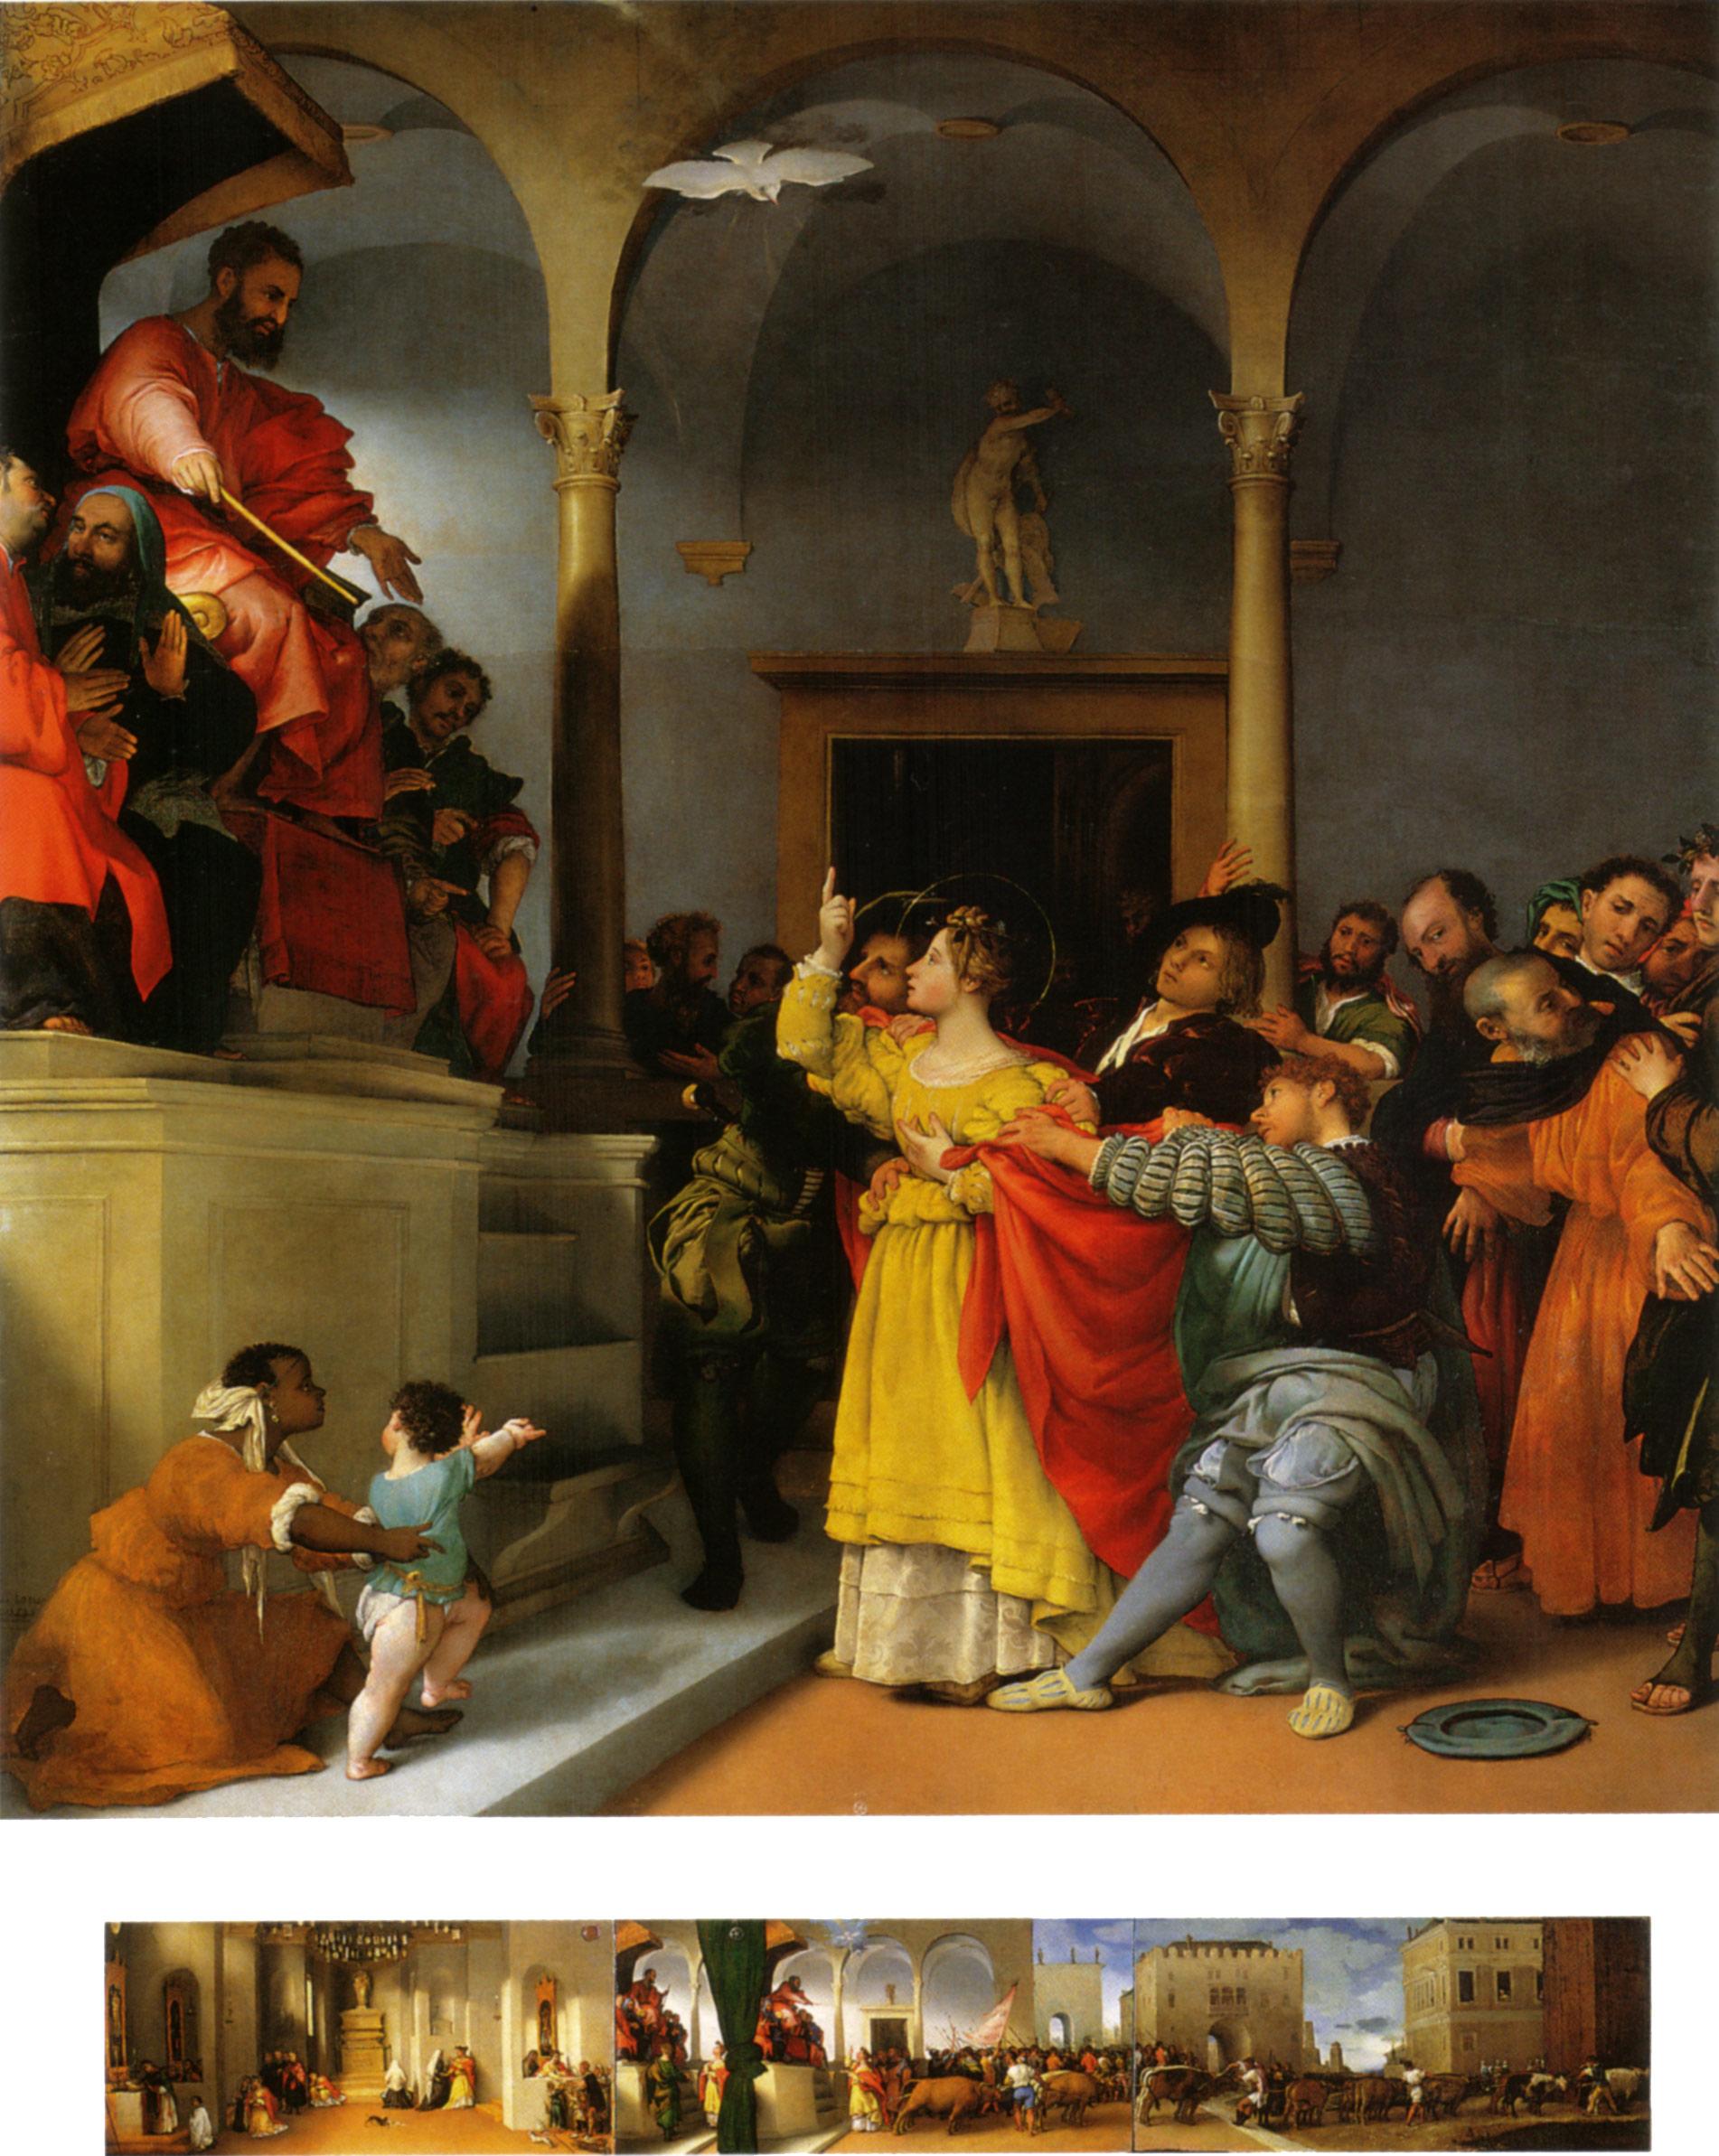 Lorenzo Lotto, Pala di Santa Lucia (1532; olio su tavola, 243 x 237 cm, la predella olio su tavola di 32 x 69 cm ciascuna; Jesi, Pinacoteca Comunale, Palazzo Pianetti)